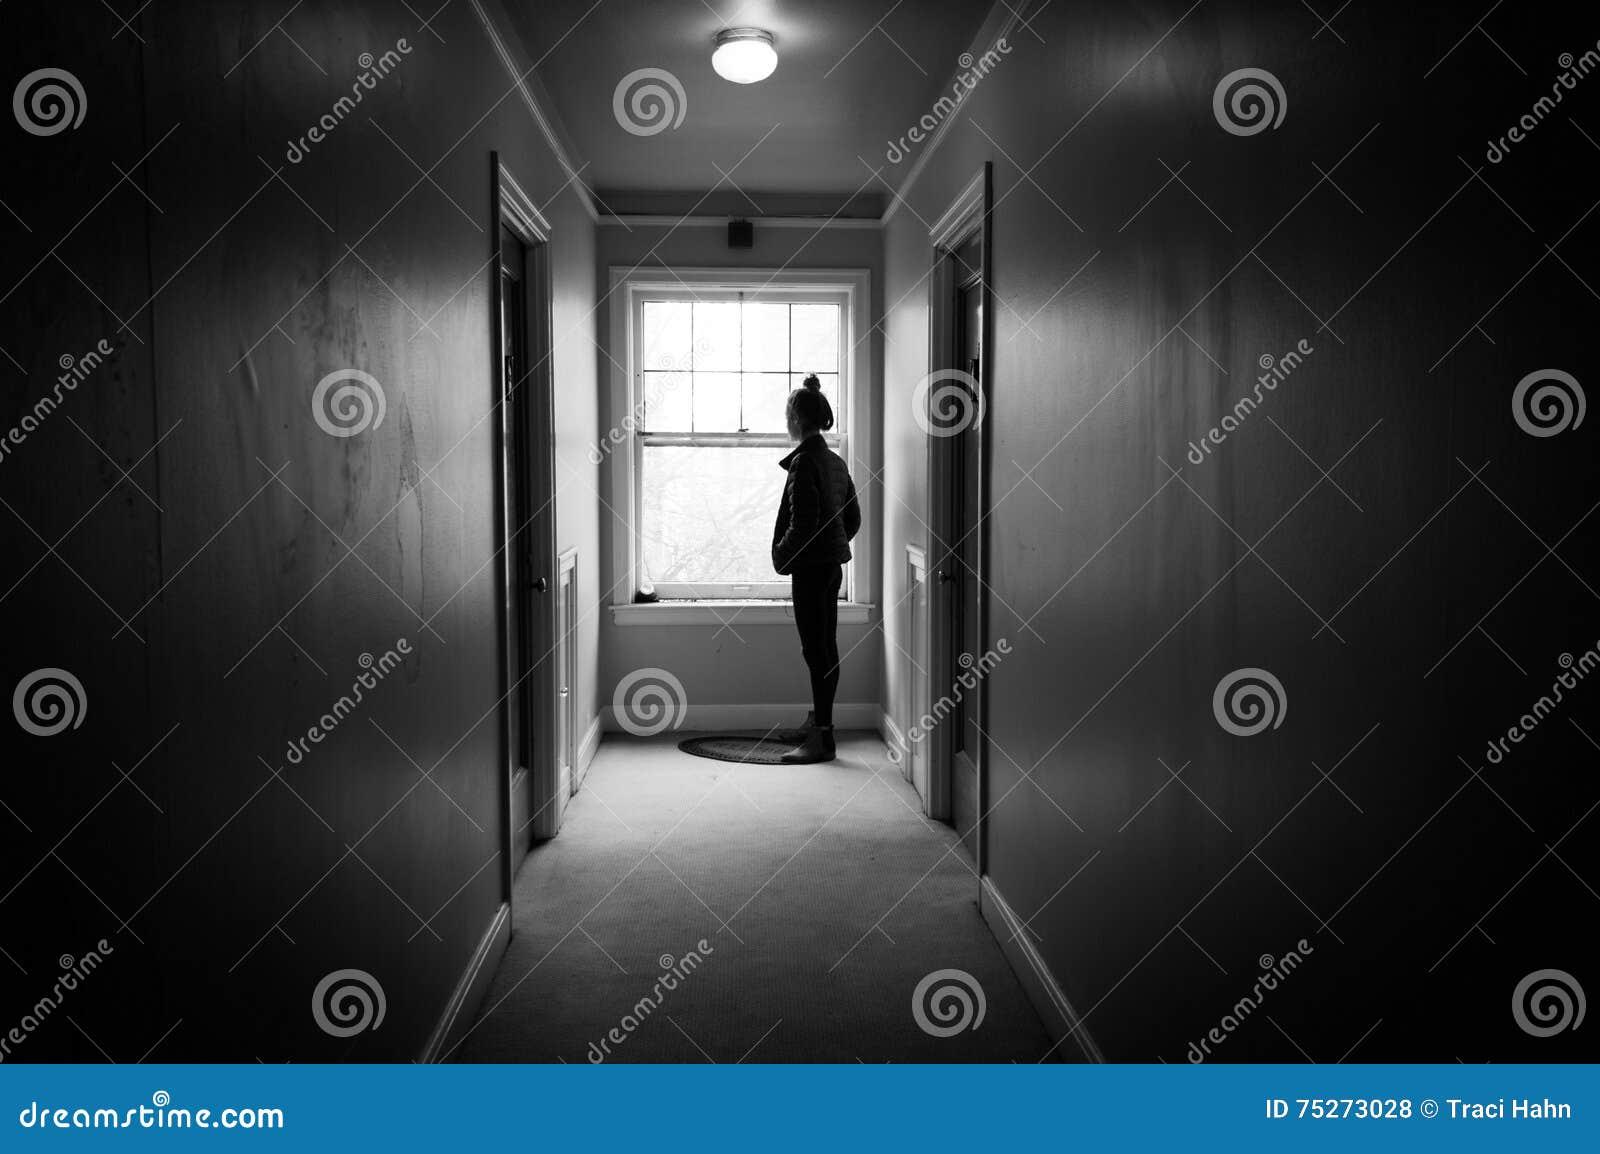 Jeune femme regardant une fenêtre dans un couloir sombre